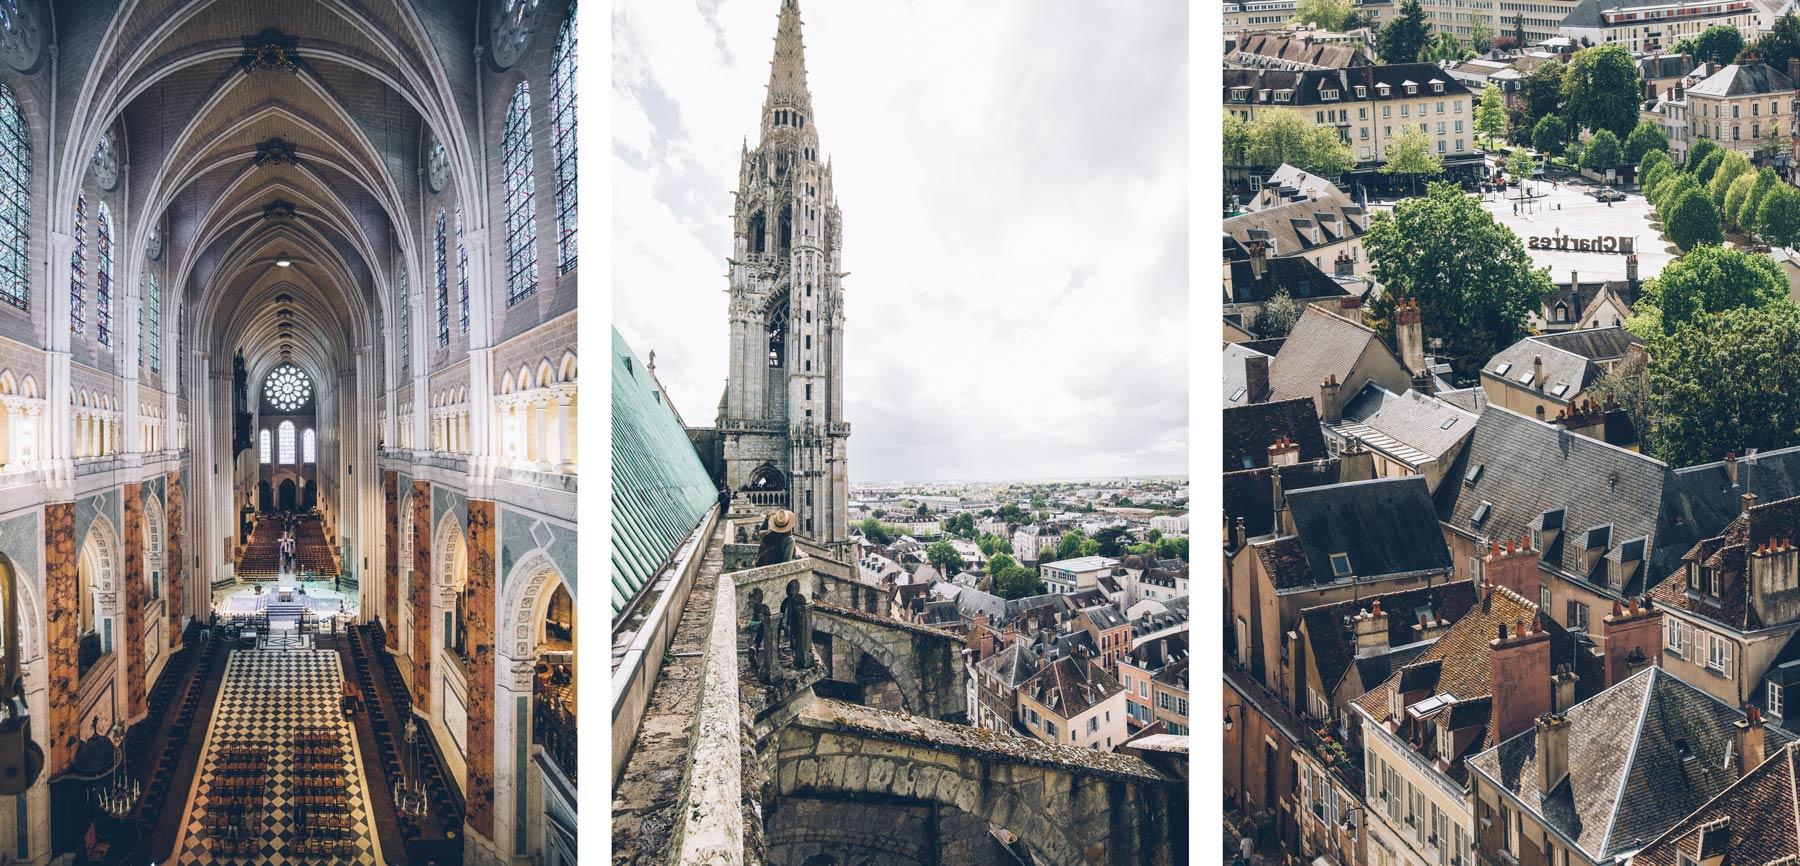 Cathédrale de Chartres, Visite